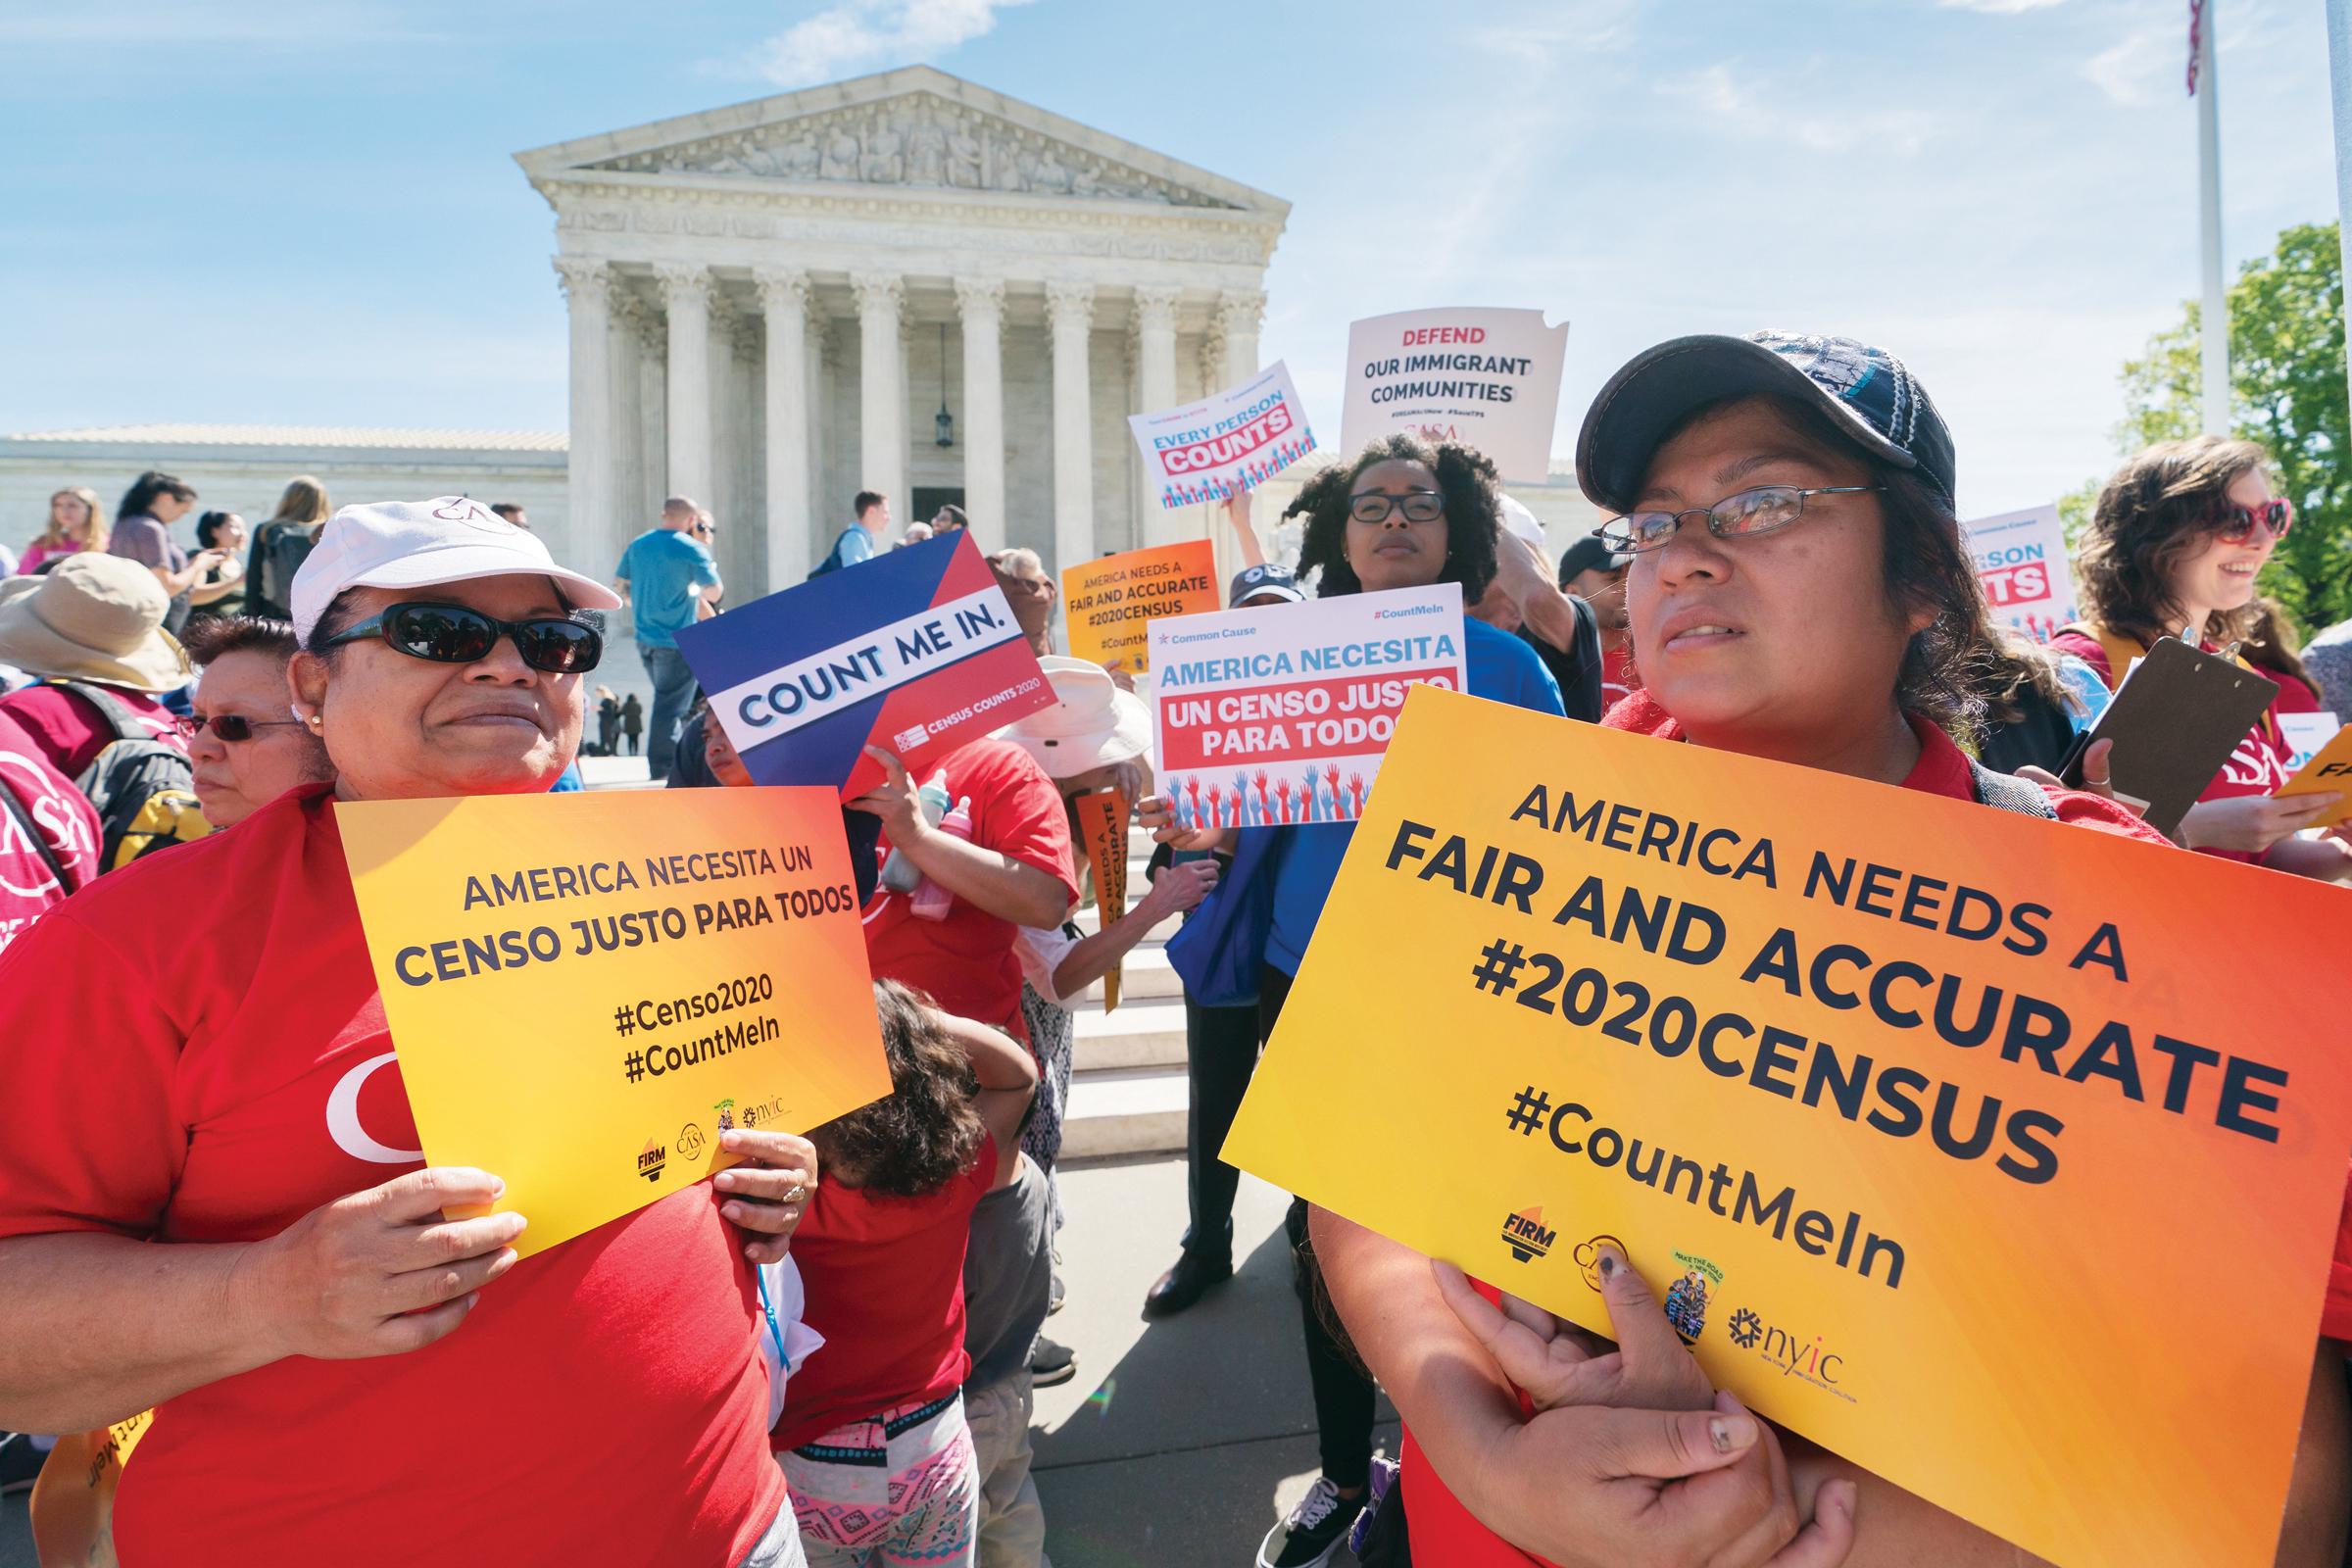 Suprema aprobaría pregunta sobre ciudadanía en el Censo